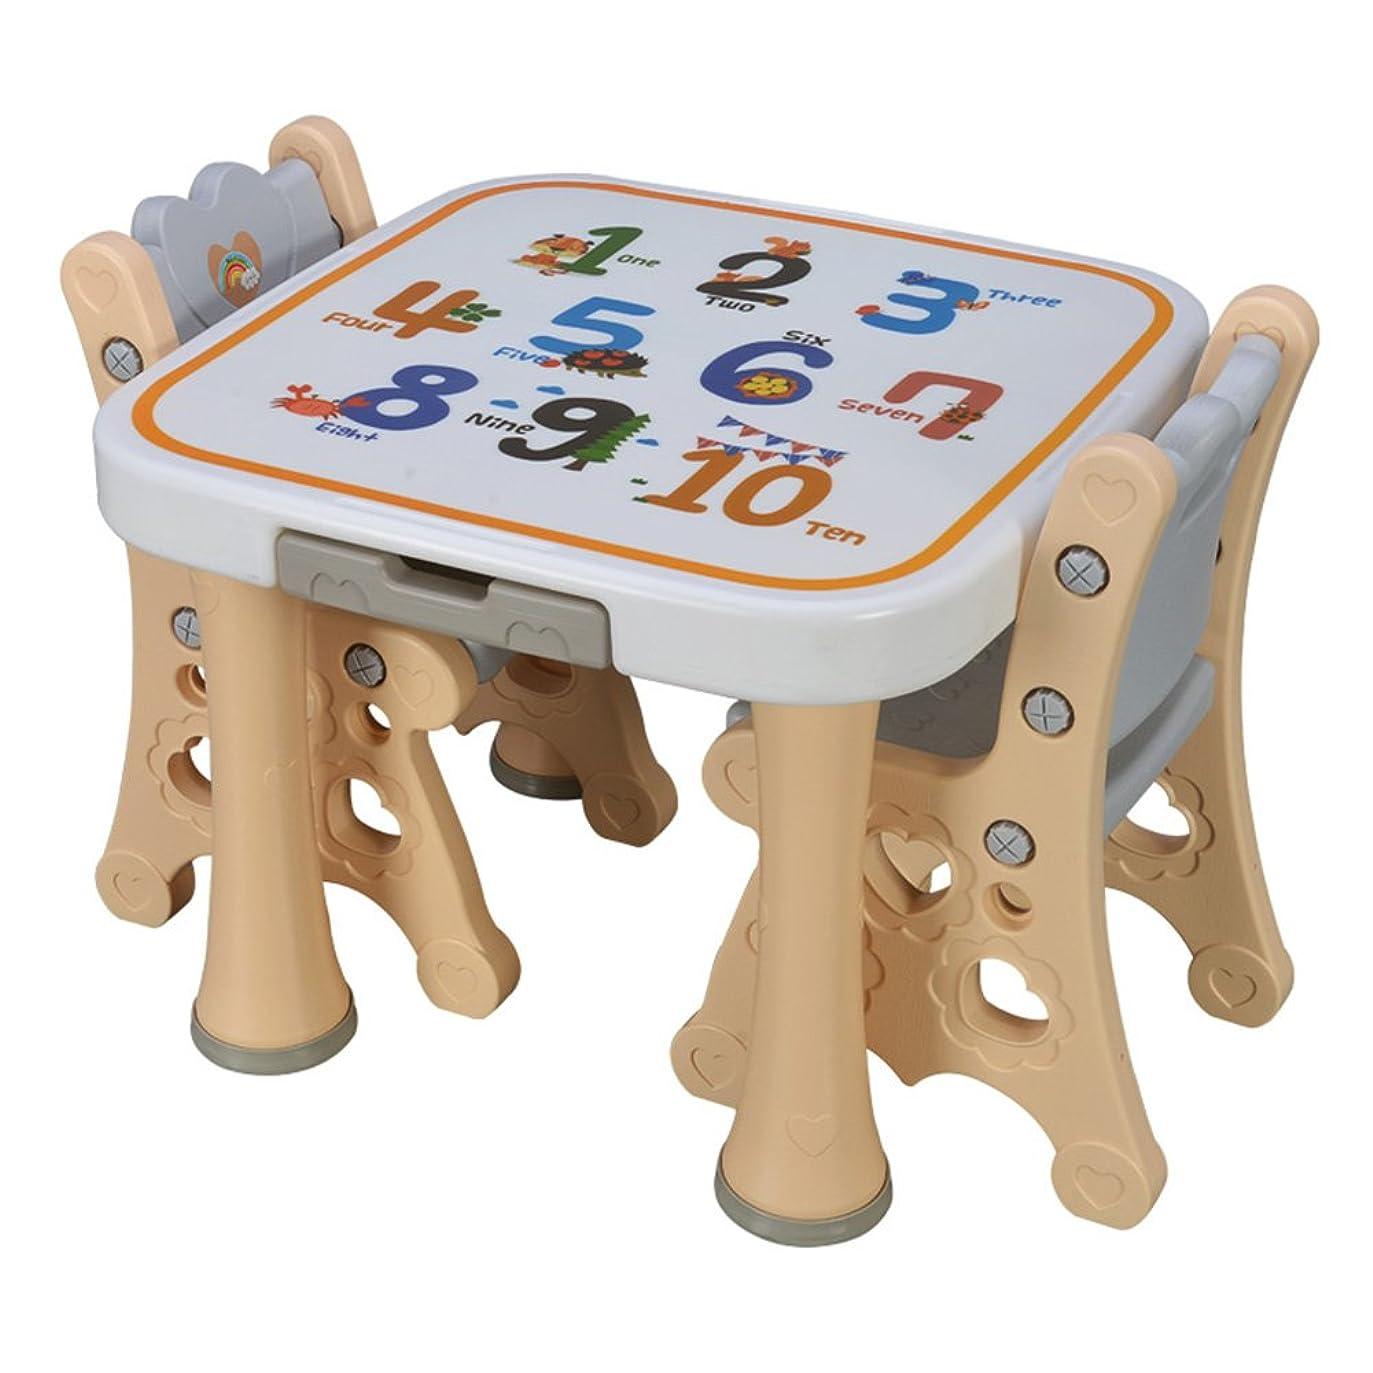 フェミニン恐れ変なDD ソファスツール 子供のテーブルとチェアセットスタディテーブルと椅子おもちゃテーブルゲームテーブルベビー幼稚園小デスクプラスチックディナーテーブル (色 : ベージュ)